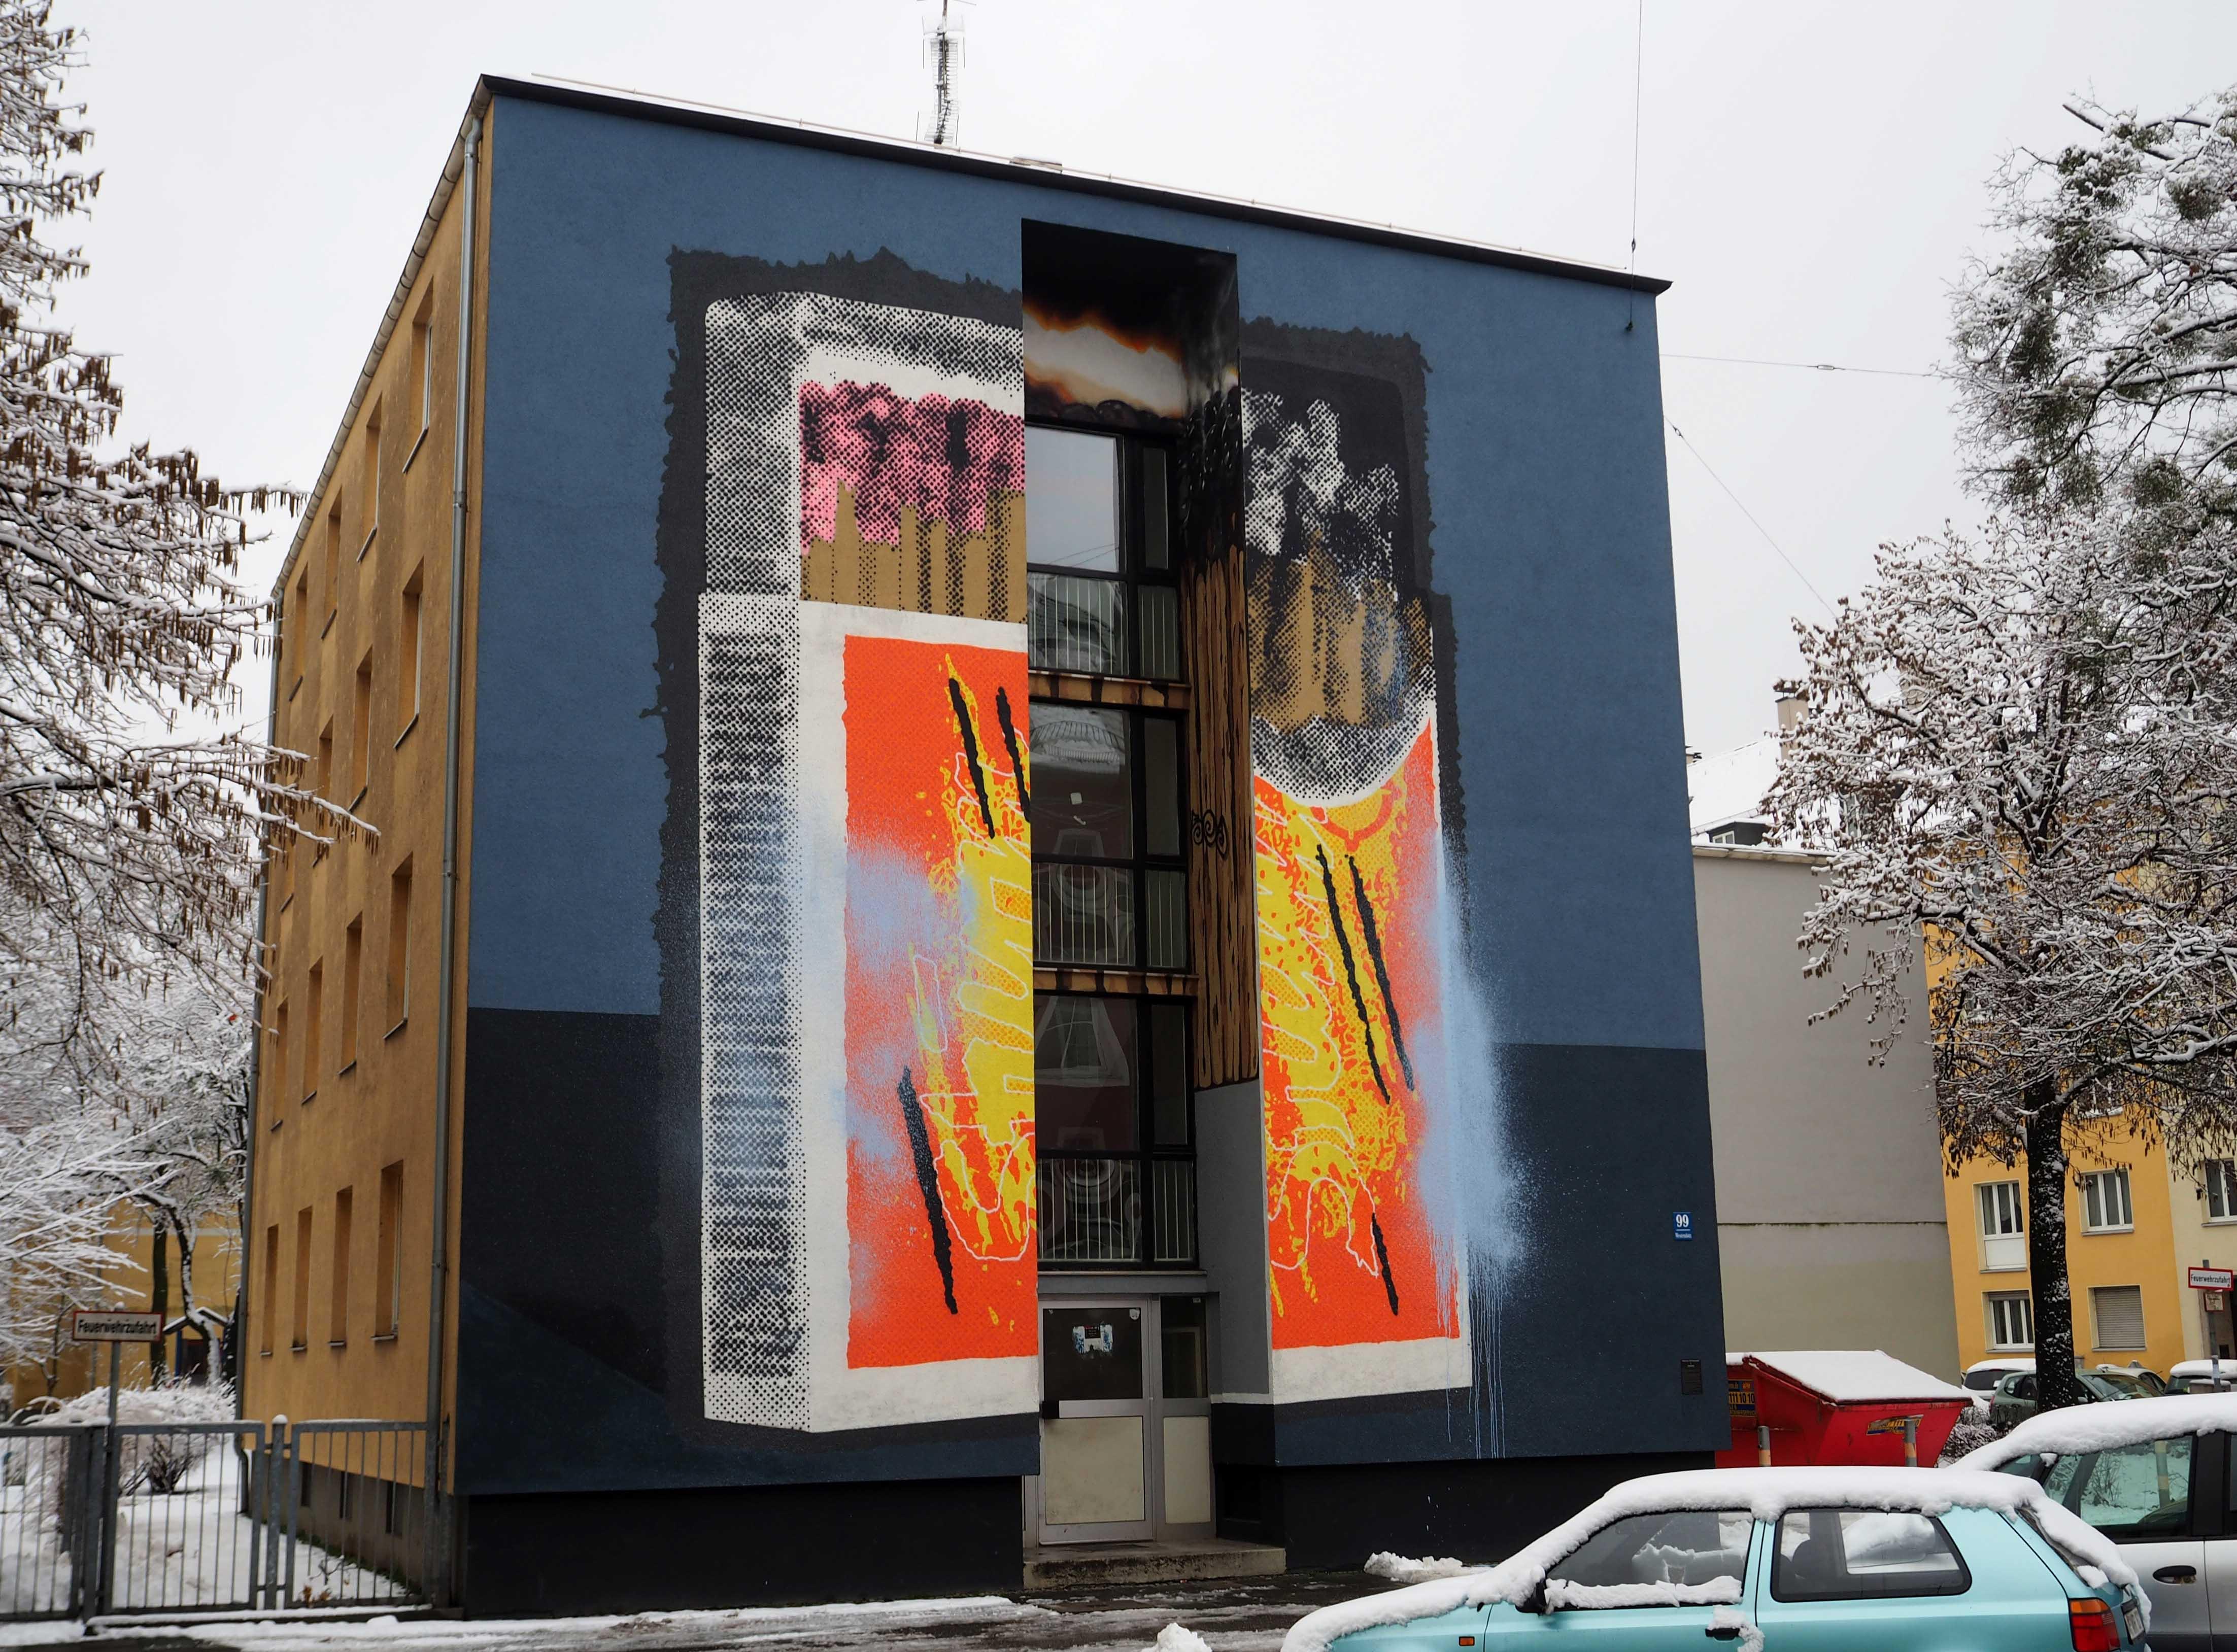 Mural von NONAME zeigt eine Streichholzschachtel